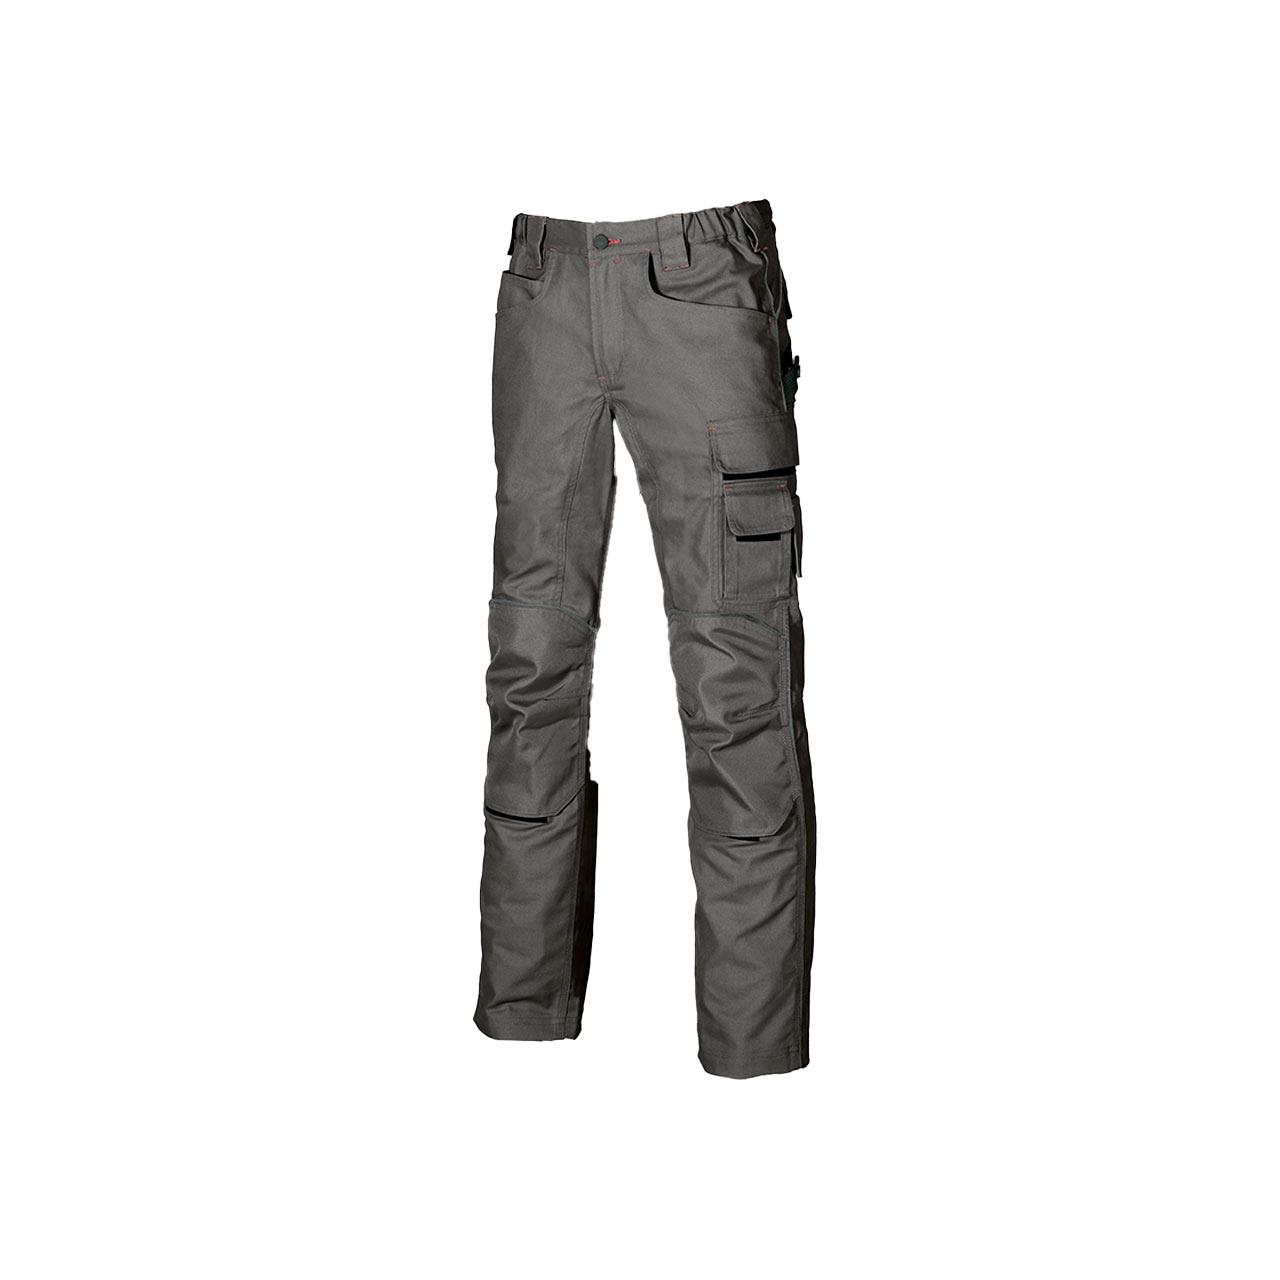 pantalone da lavoro upower modello free colore stone gr